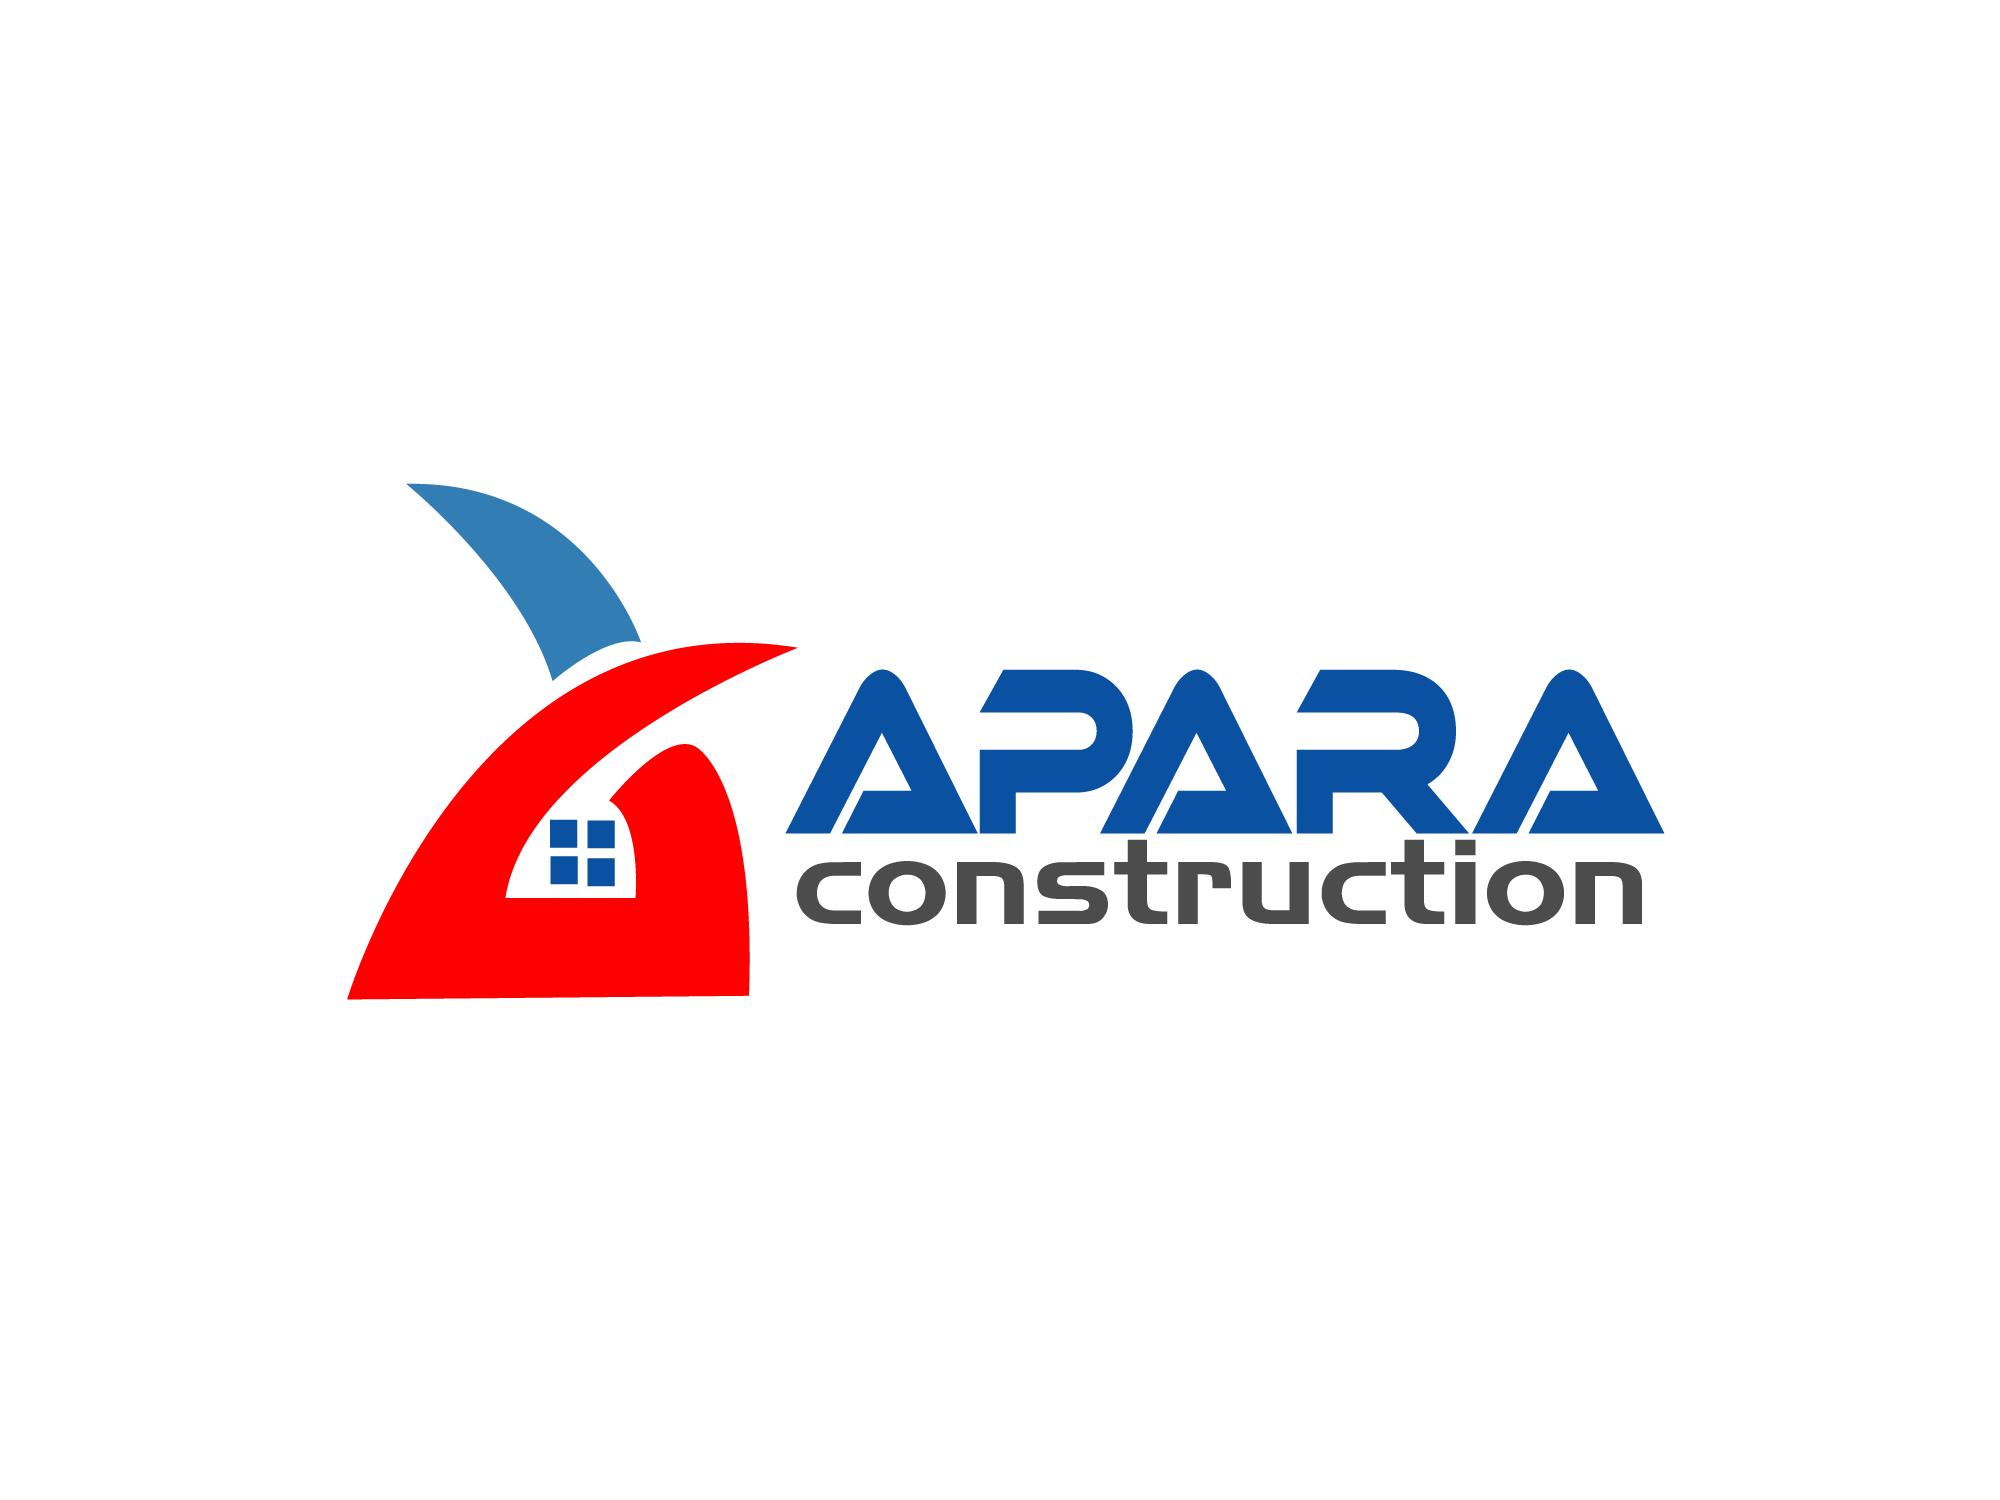 Logo Design by Rubayat Mahmud - Entry No. 58 in the Logo Design Contest Apara Construction Logo Design.